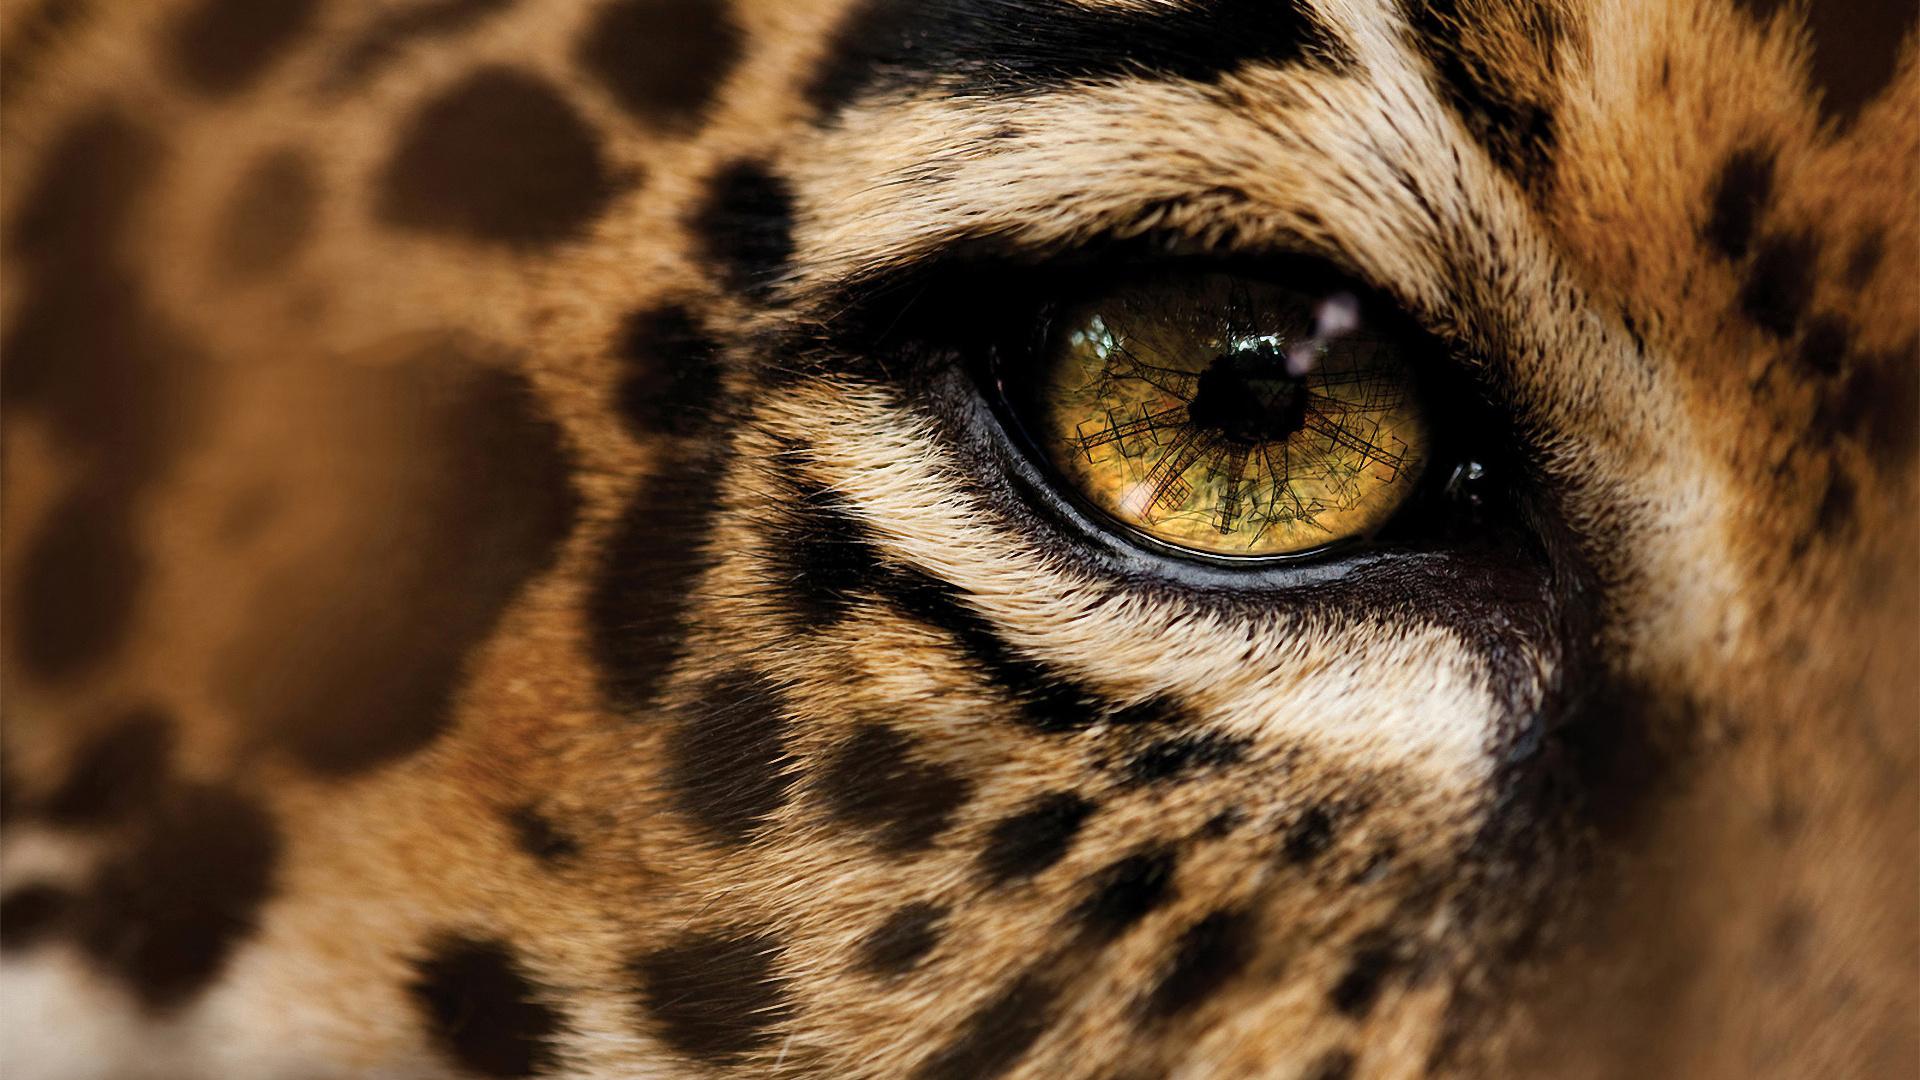 Cheetah-wallpapers-HD-pics-photos-download